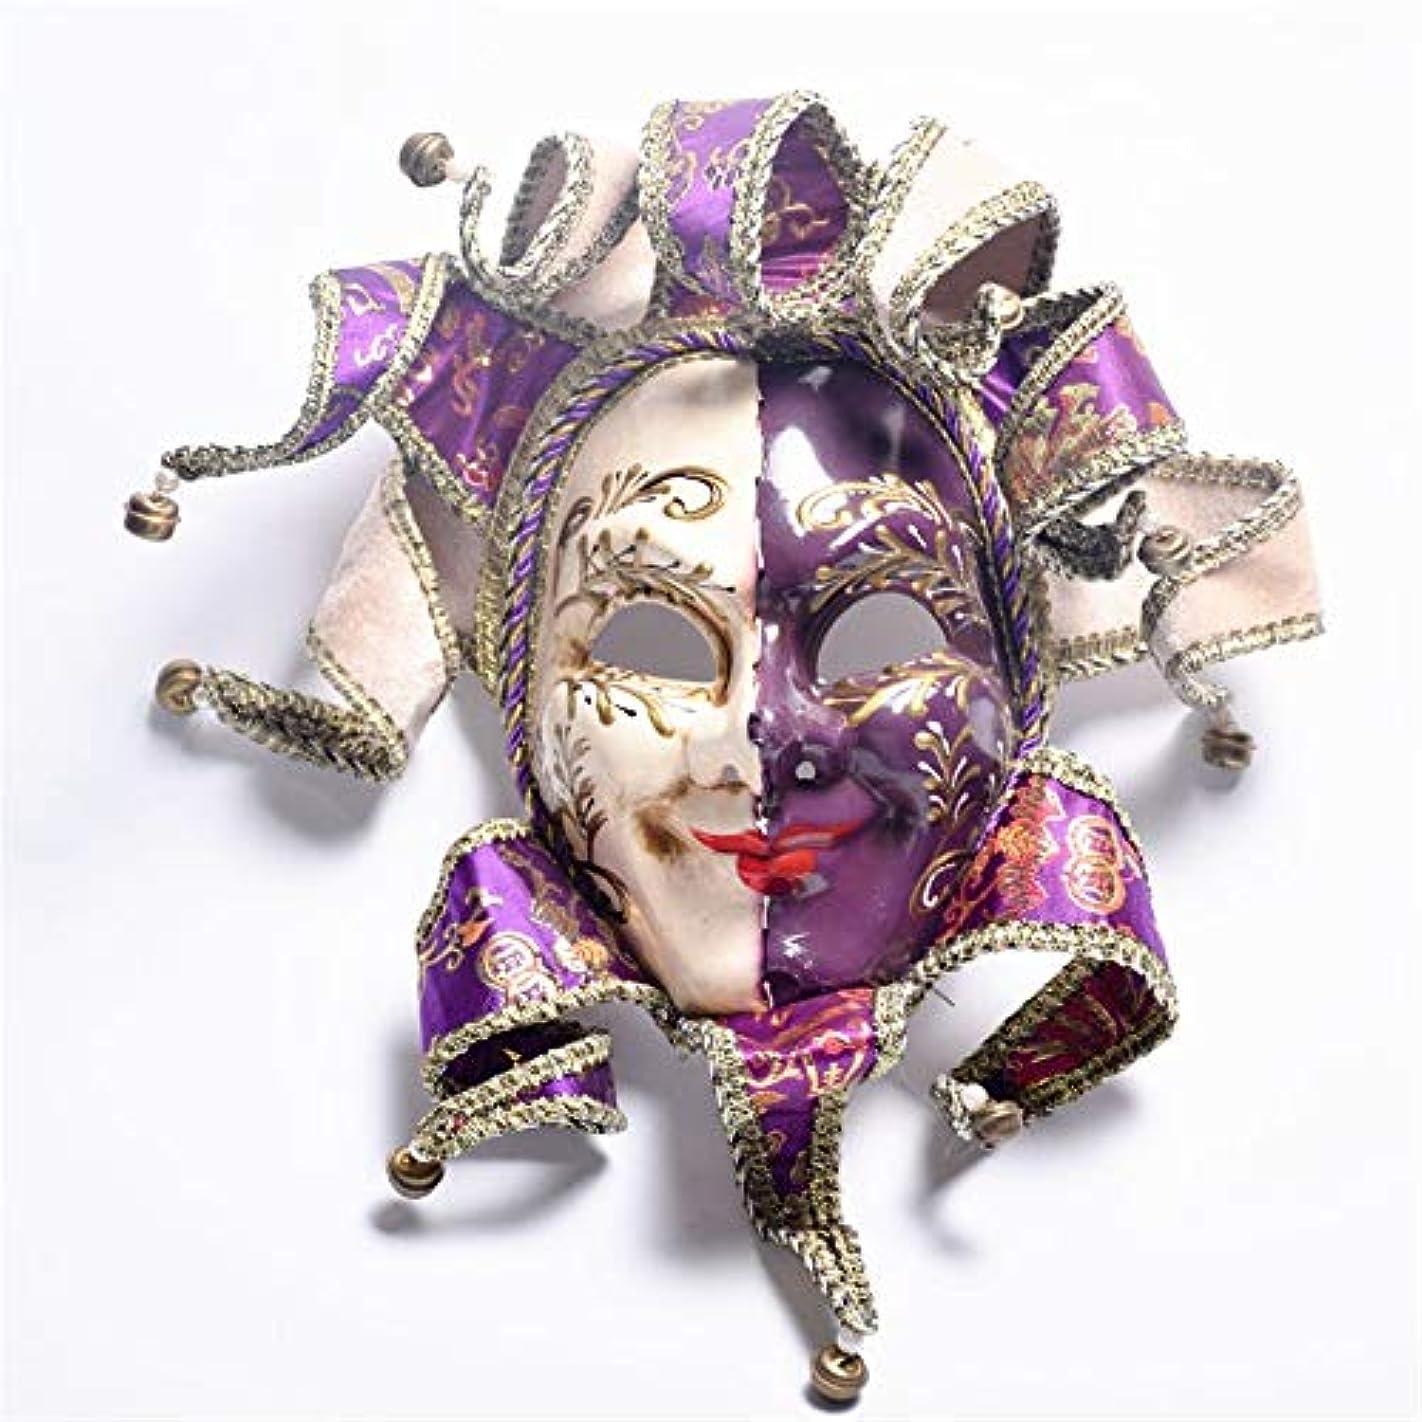 影響するソブリケット一回ダンスマスク 塗装フルフェイスパフォーマンス小道具ハロウィンパーティー仮装祭りロールプレイナイトクラブパーティープラスチックマスク ホリデーパーティー用品 (色 : 紫の, サイズ : 50x36cm)